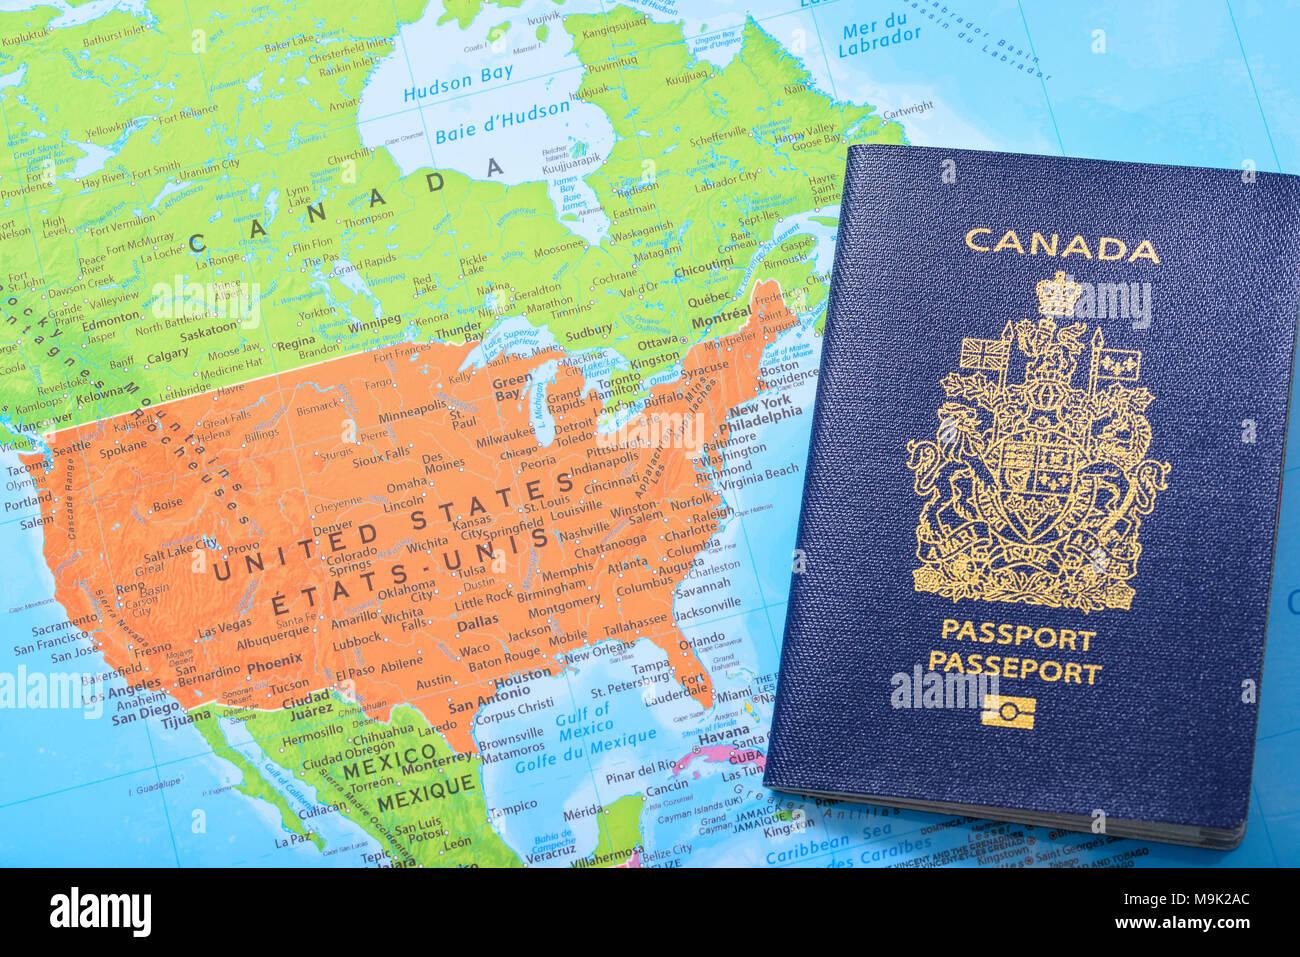 Mexiko Staaten Karte.Kanadischen Pass Auf Eine Karte Mit Kanada Den Vereinigten